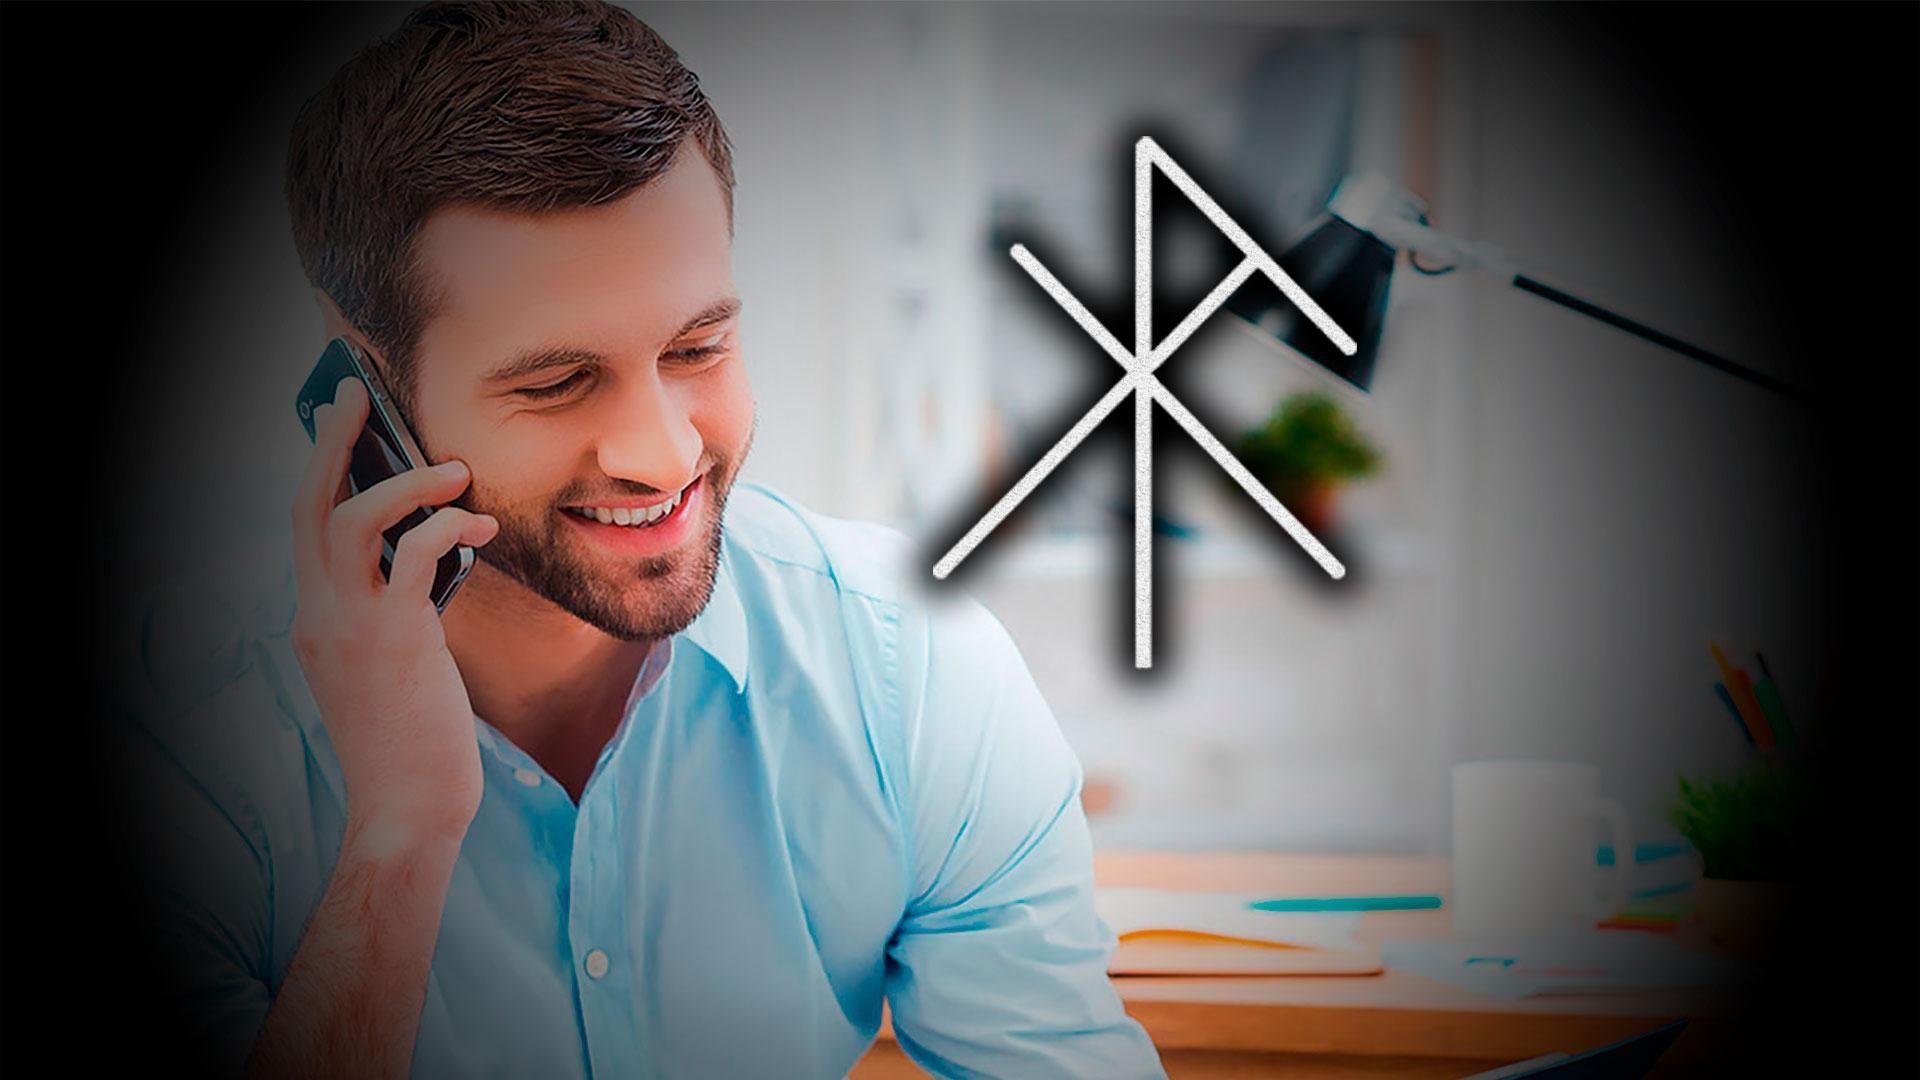 Как побудить человека позвонить, если нет связи?